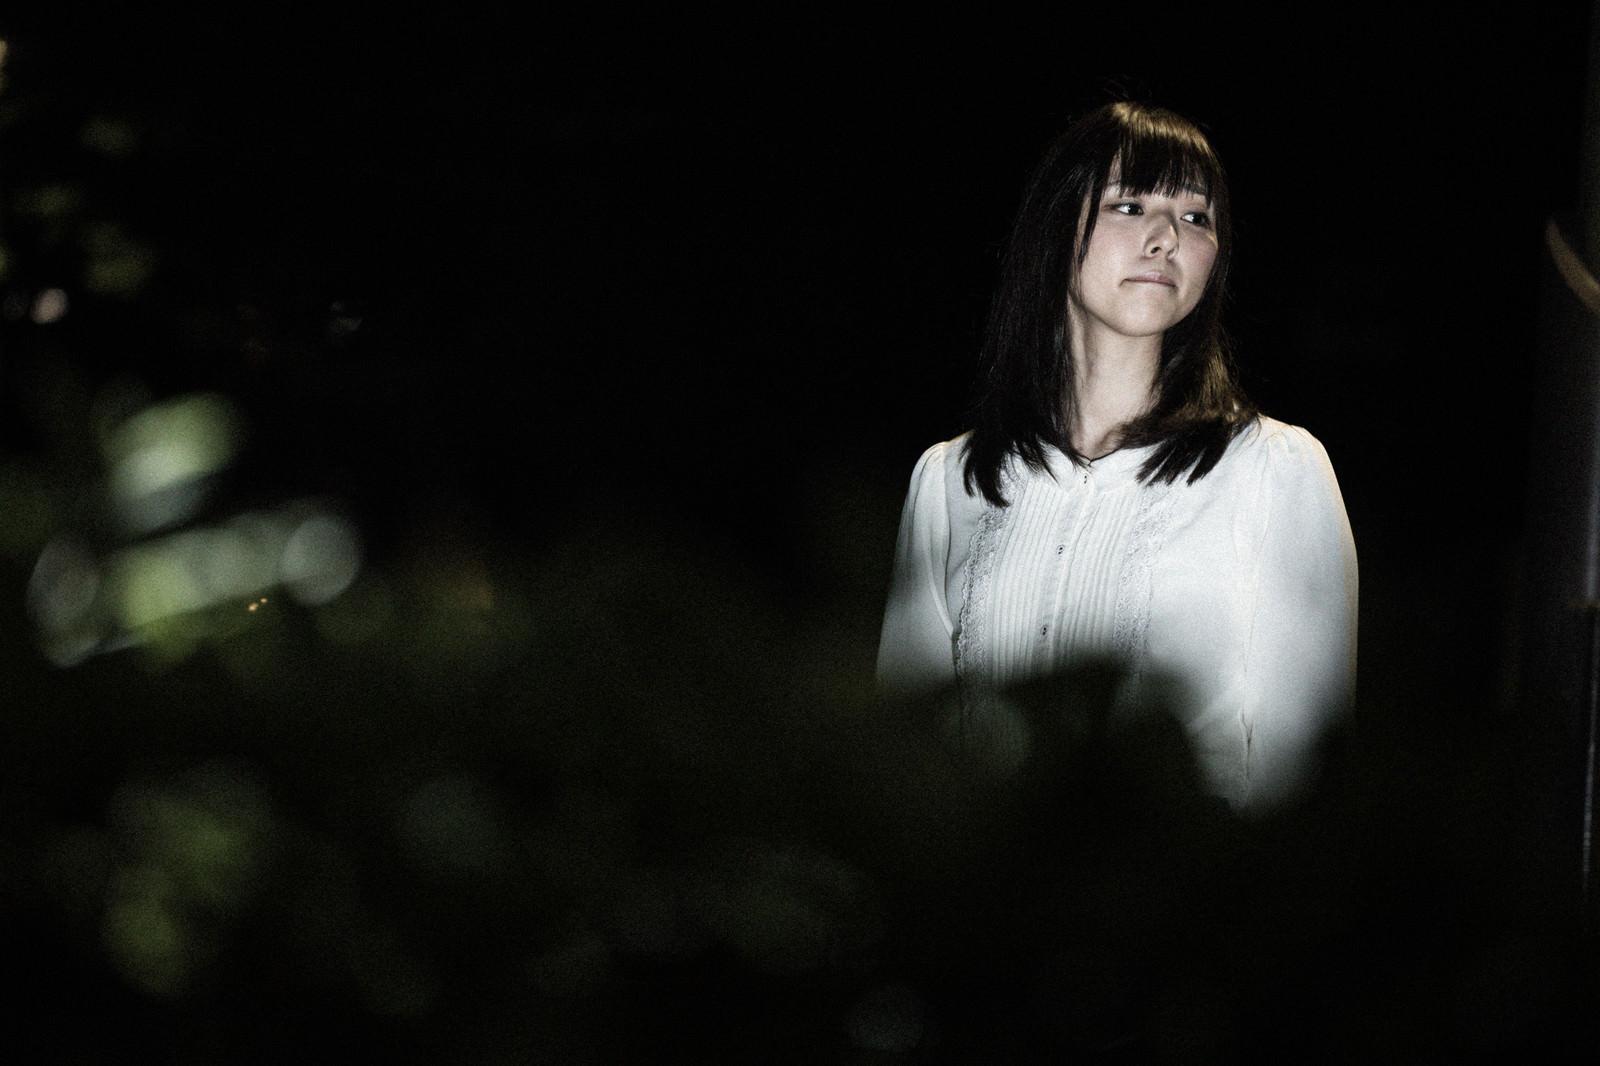 「怖がりながら夜道を歩く女性の姿」の写真[モデル:さとうゆい]